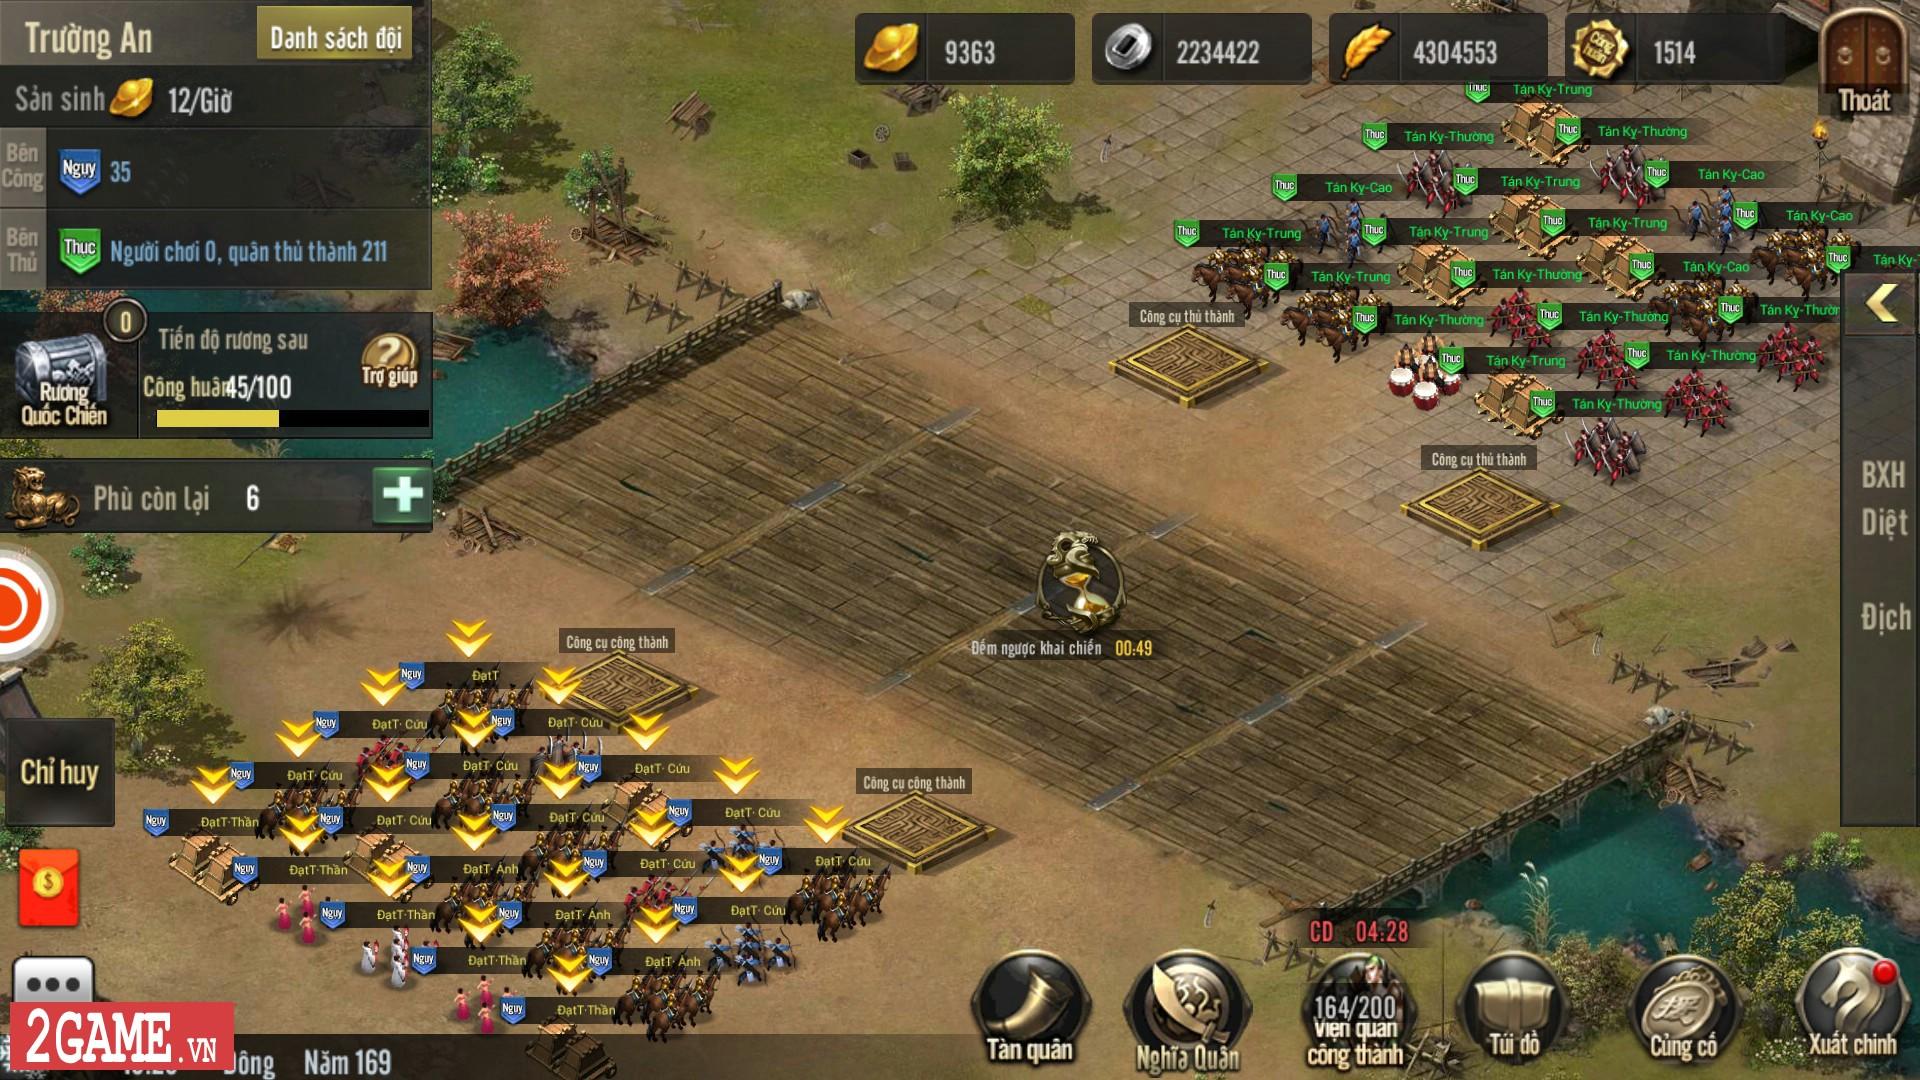 Đã có thể tải trước game mobile chiến thuật kinh điển Tam Quốc Truyền Kỳ Mobile 2